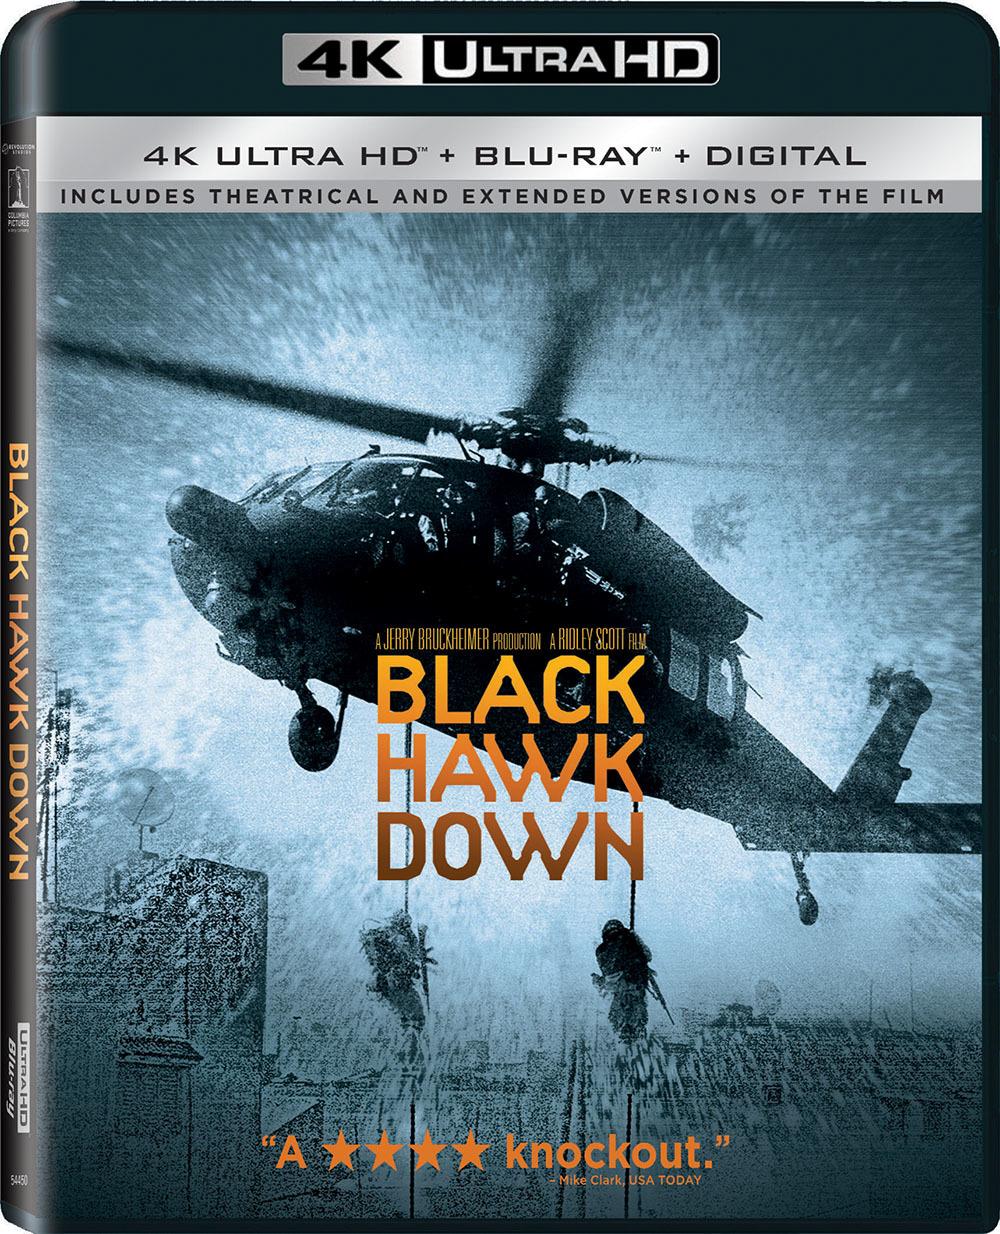 Black Hawk Down 4K (2001) Ultra HD Blu-ray